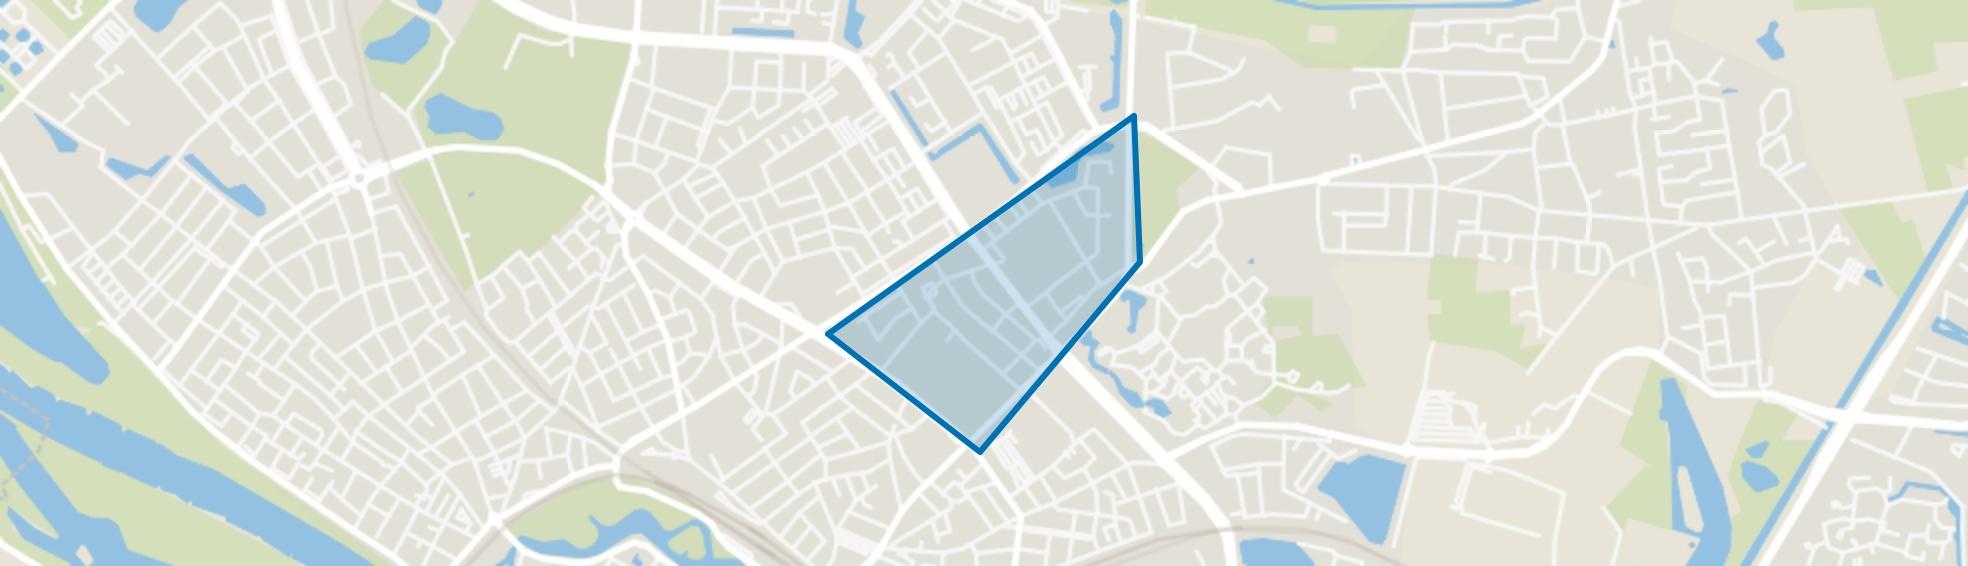 Rollecatekwartier, Deventer map